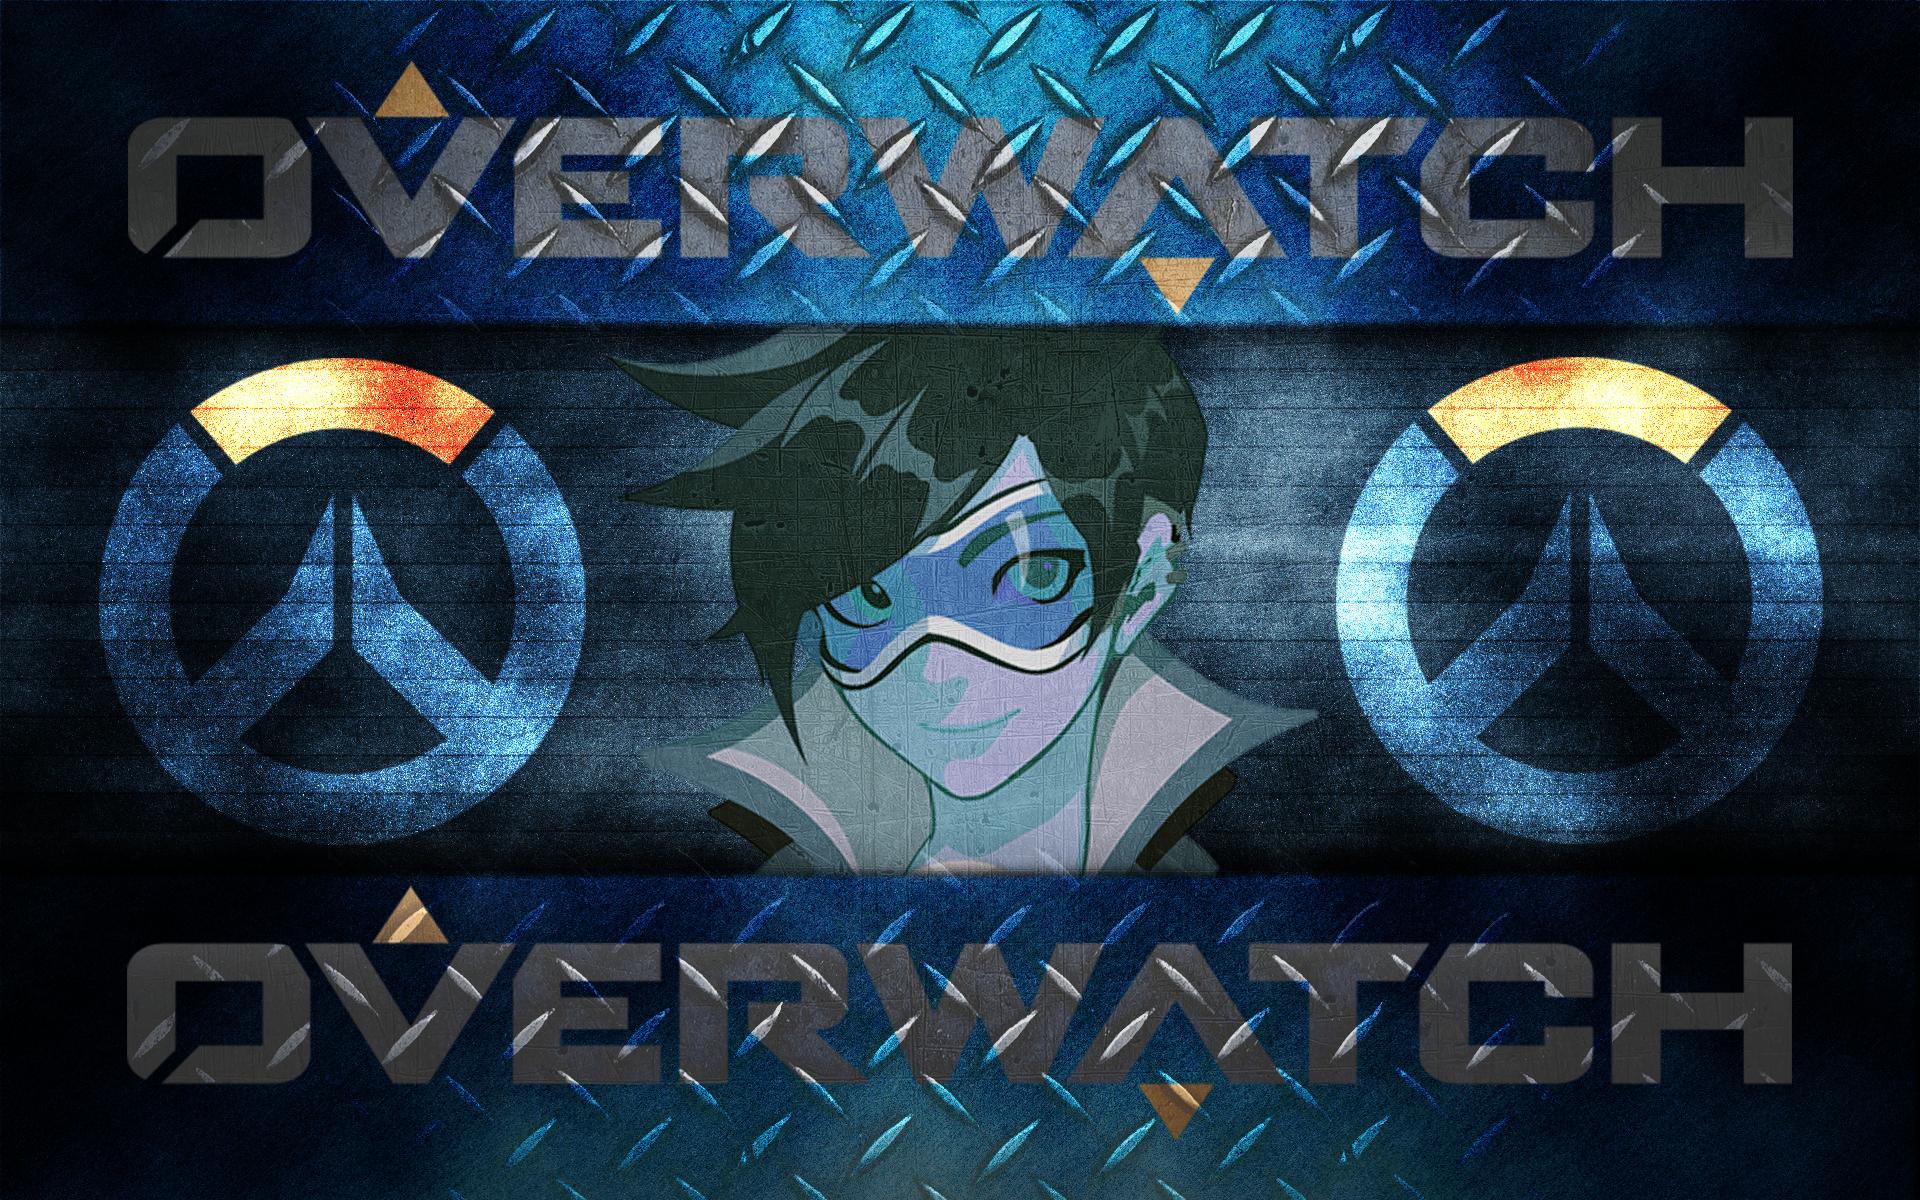 Overwatch: Tracer [Desktop Wallpaper] by Sandstorm-Arts